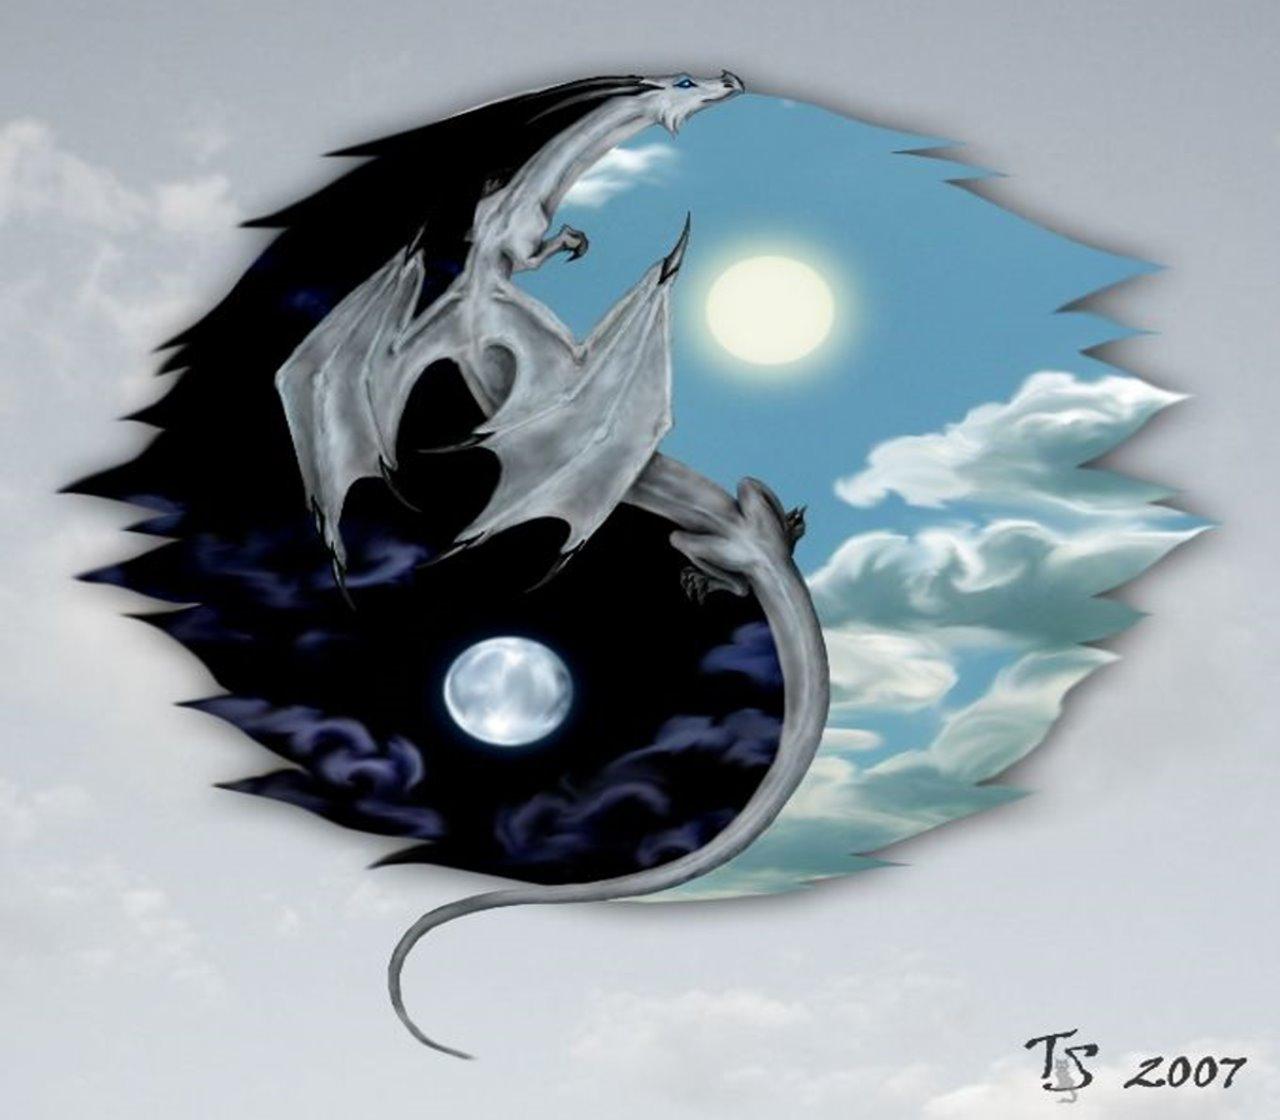 Dragon-Ying & Yang wallpaper - ForWallpaper.com